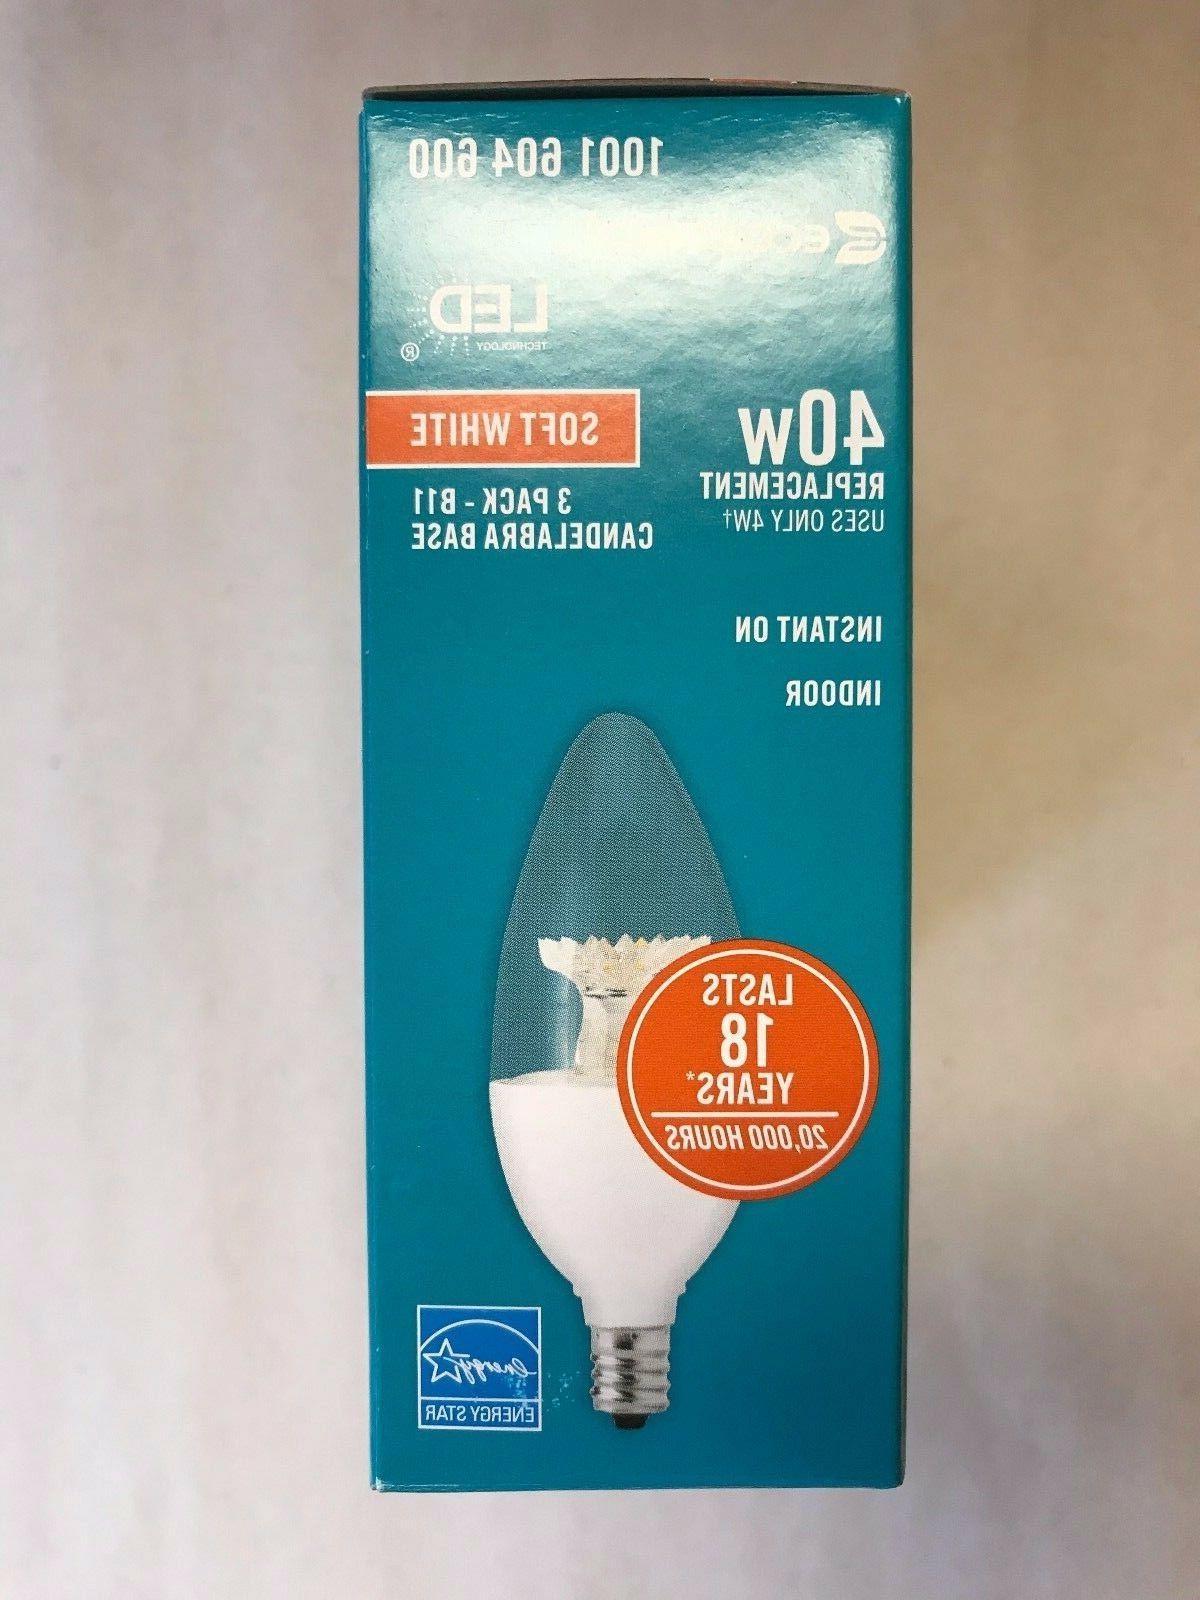 Ecosmart LED = 4W Soft DIMMABLE Watt B11